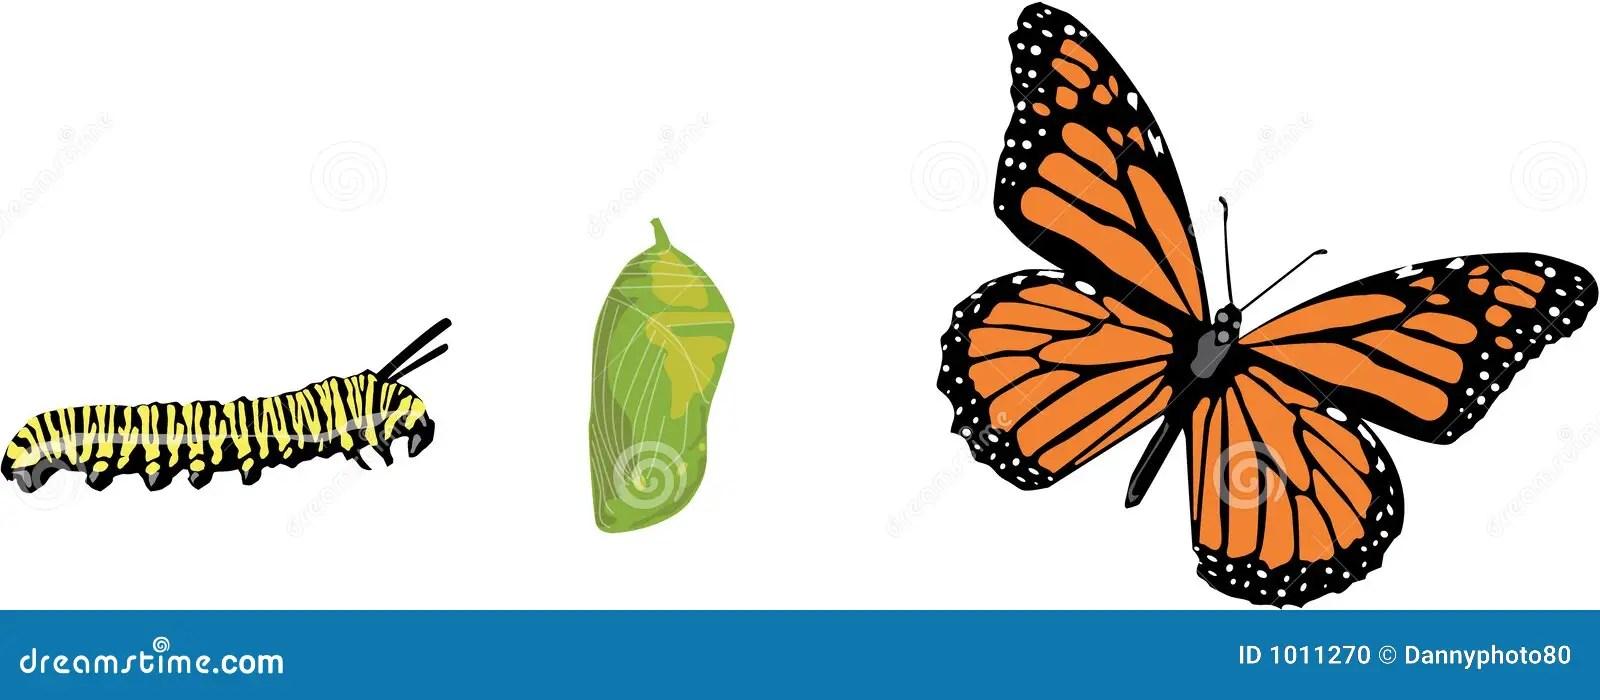 https://i0.wp.com/thumbs.dreamstime.com/z/ciclo-vital-de-la-mariposa-1011270.jpg